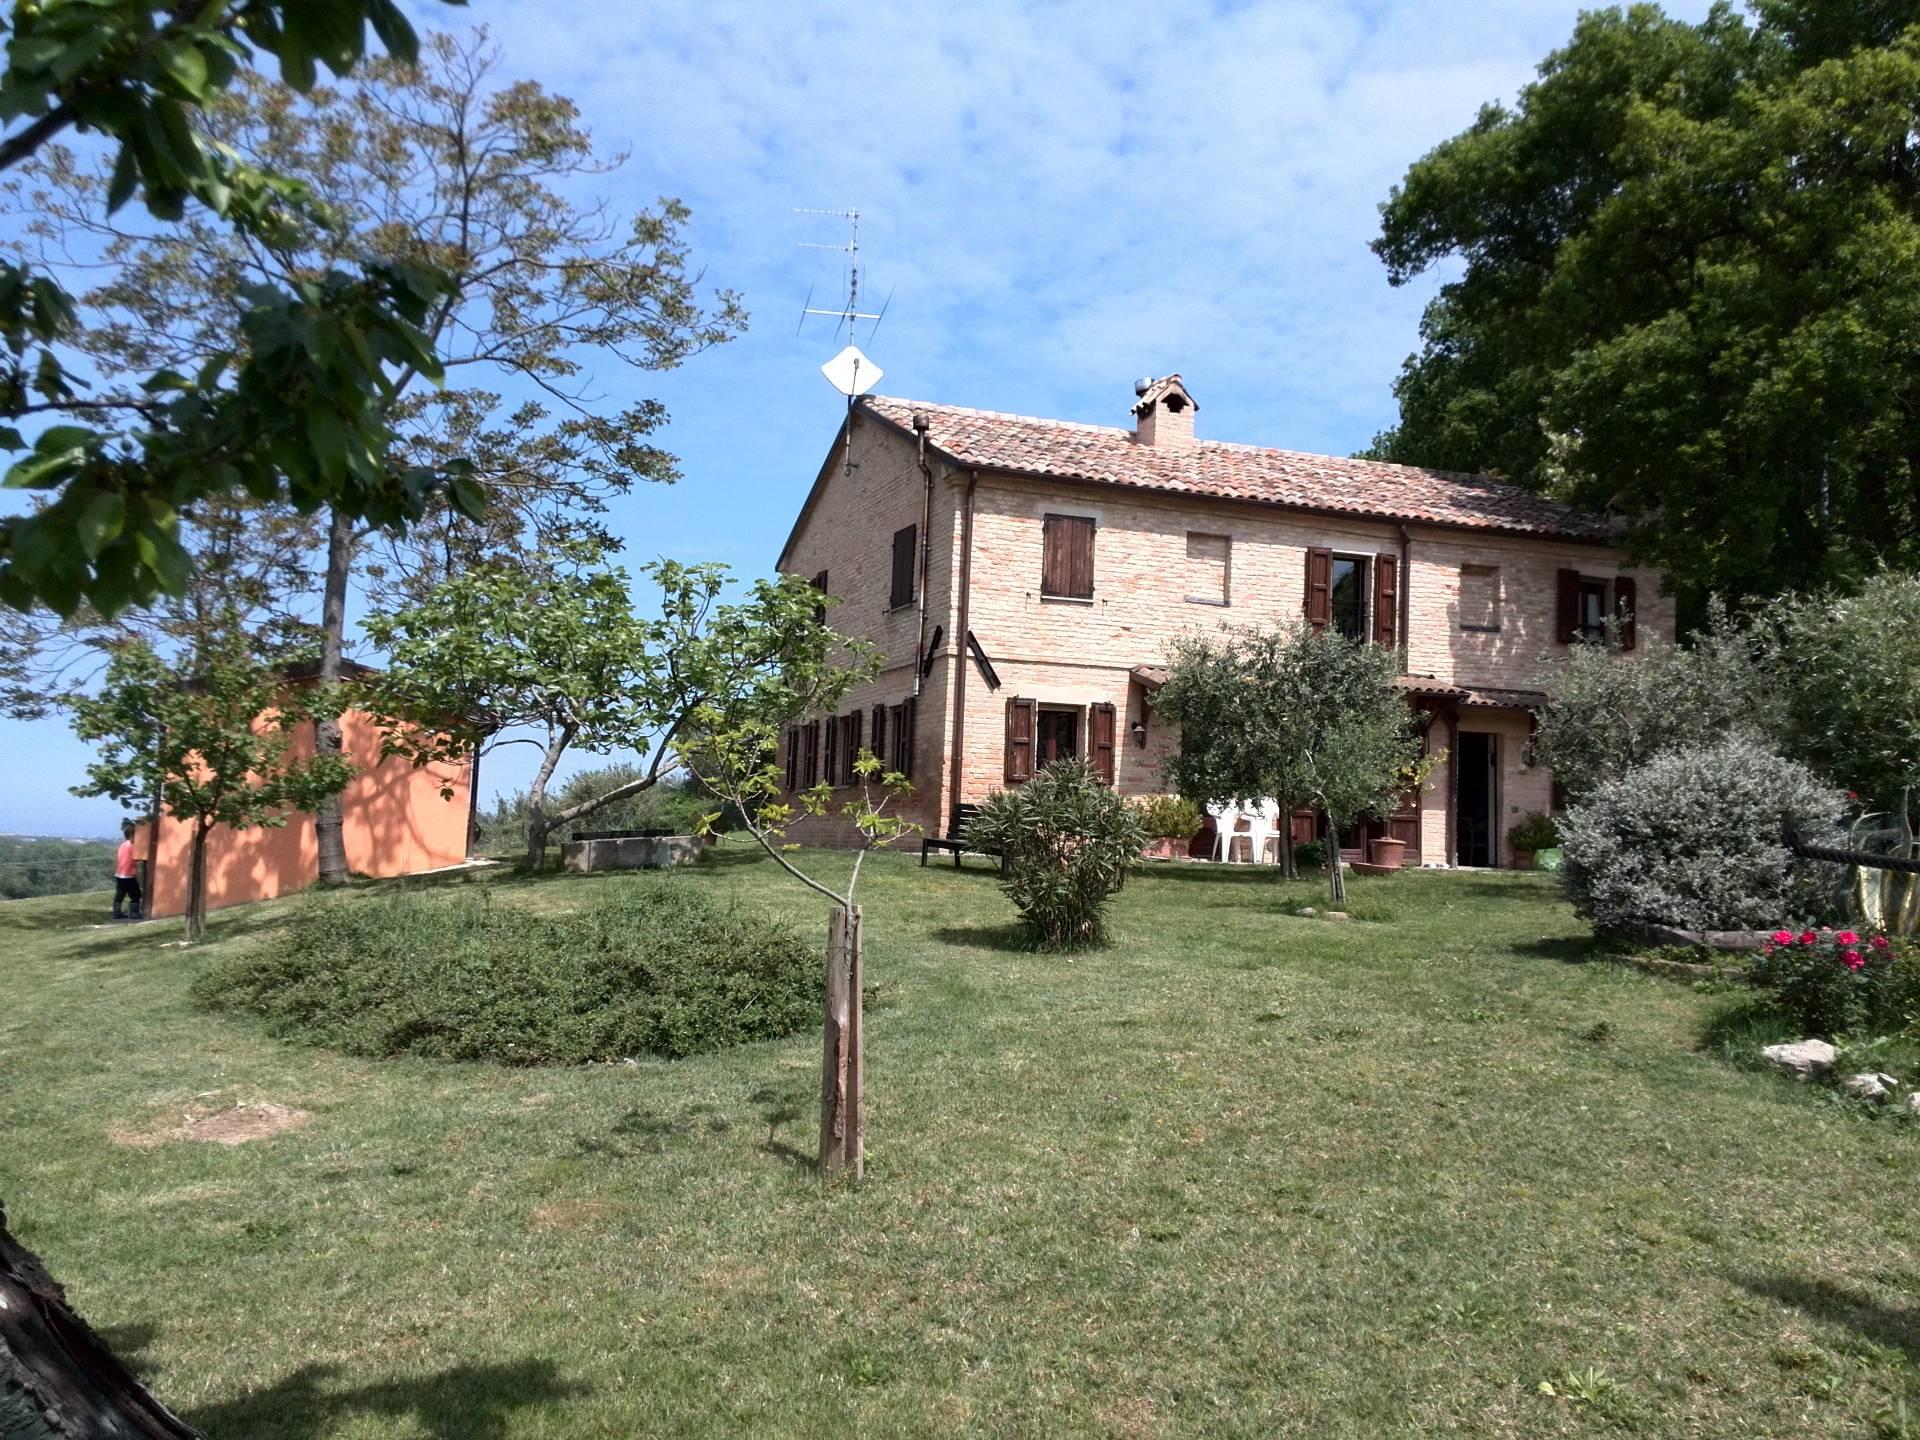 Soluzione Indipendente in vendita a Agugliano, 10 locali, zona Località: CasteldEmilio, prezzo € 430.000 | CambioCasa.it